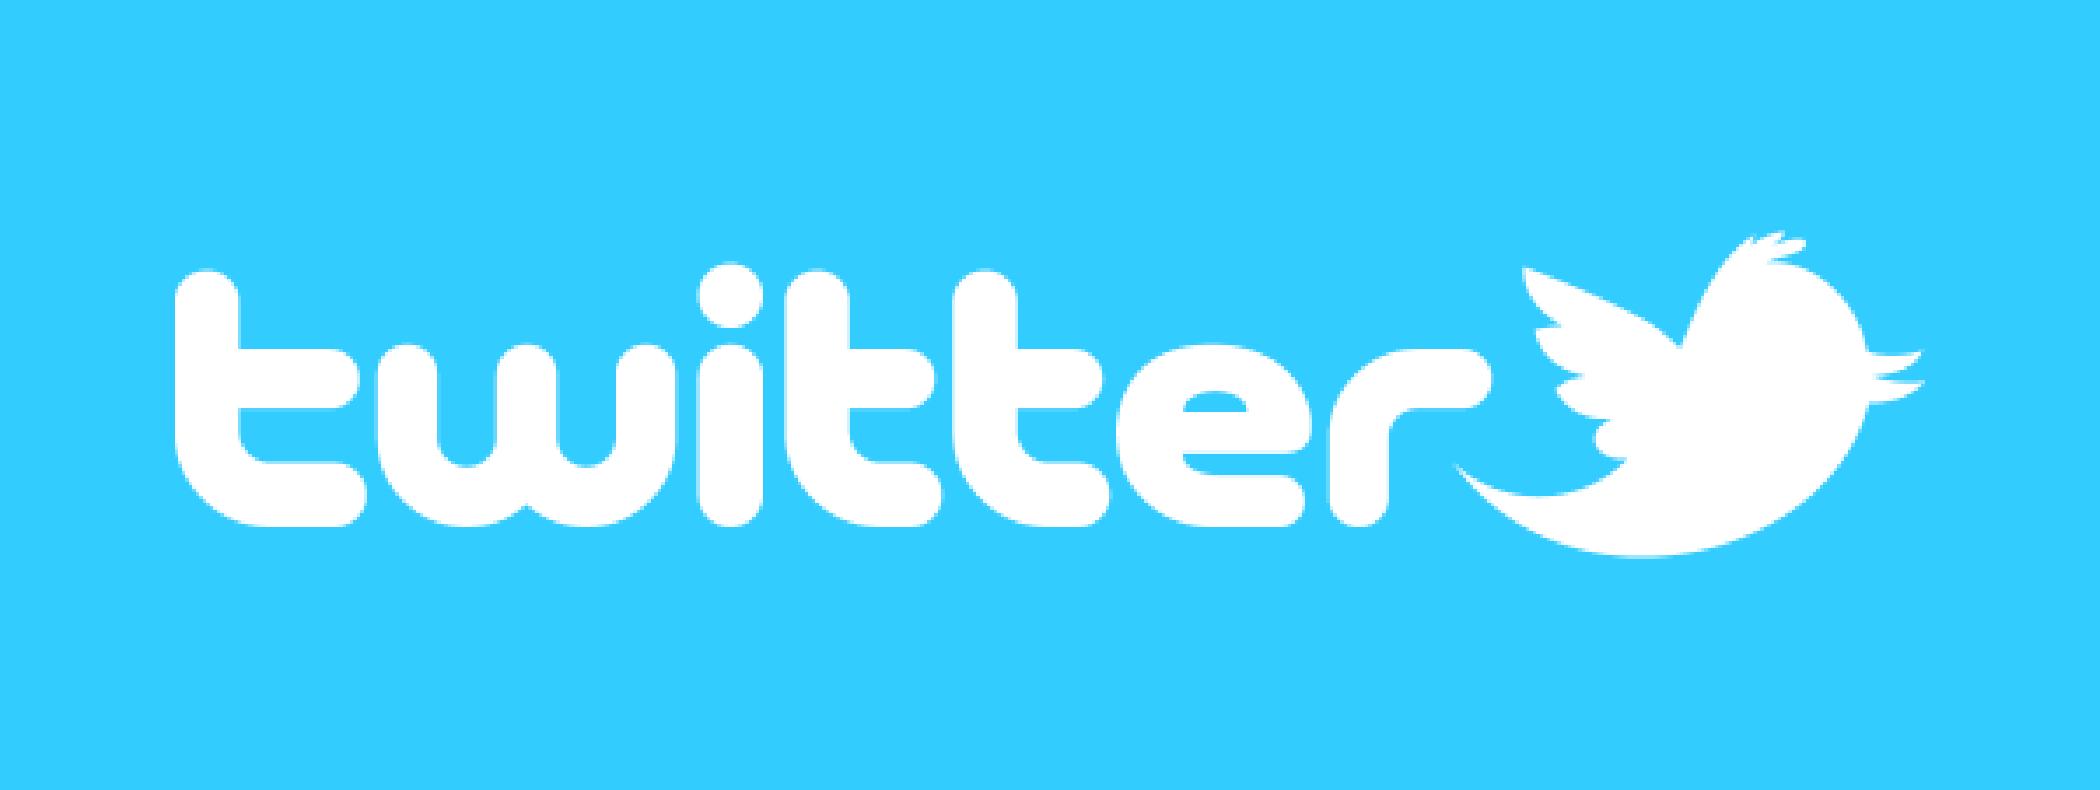 Логотип картинки твиттер